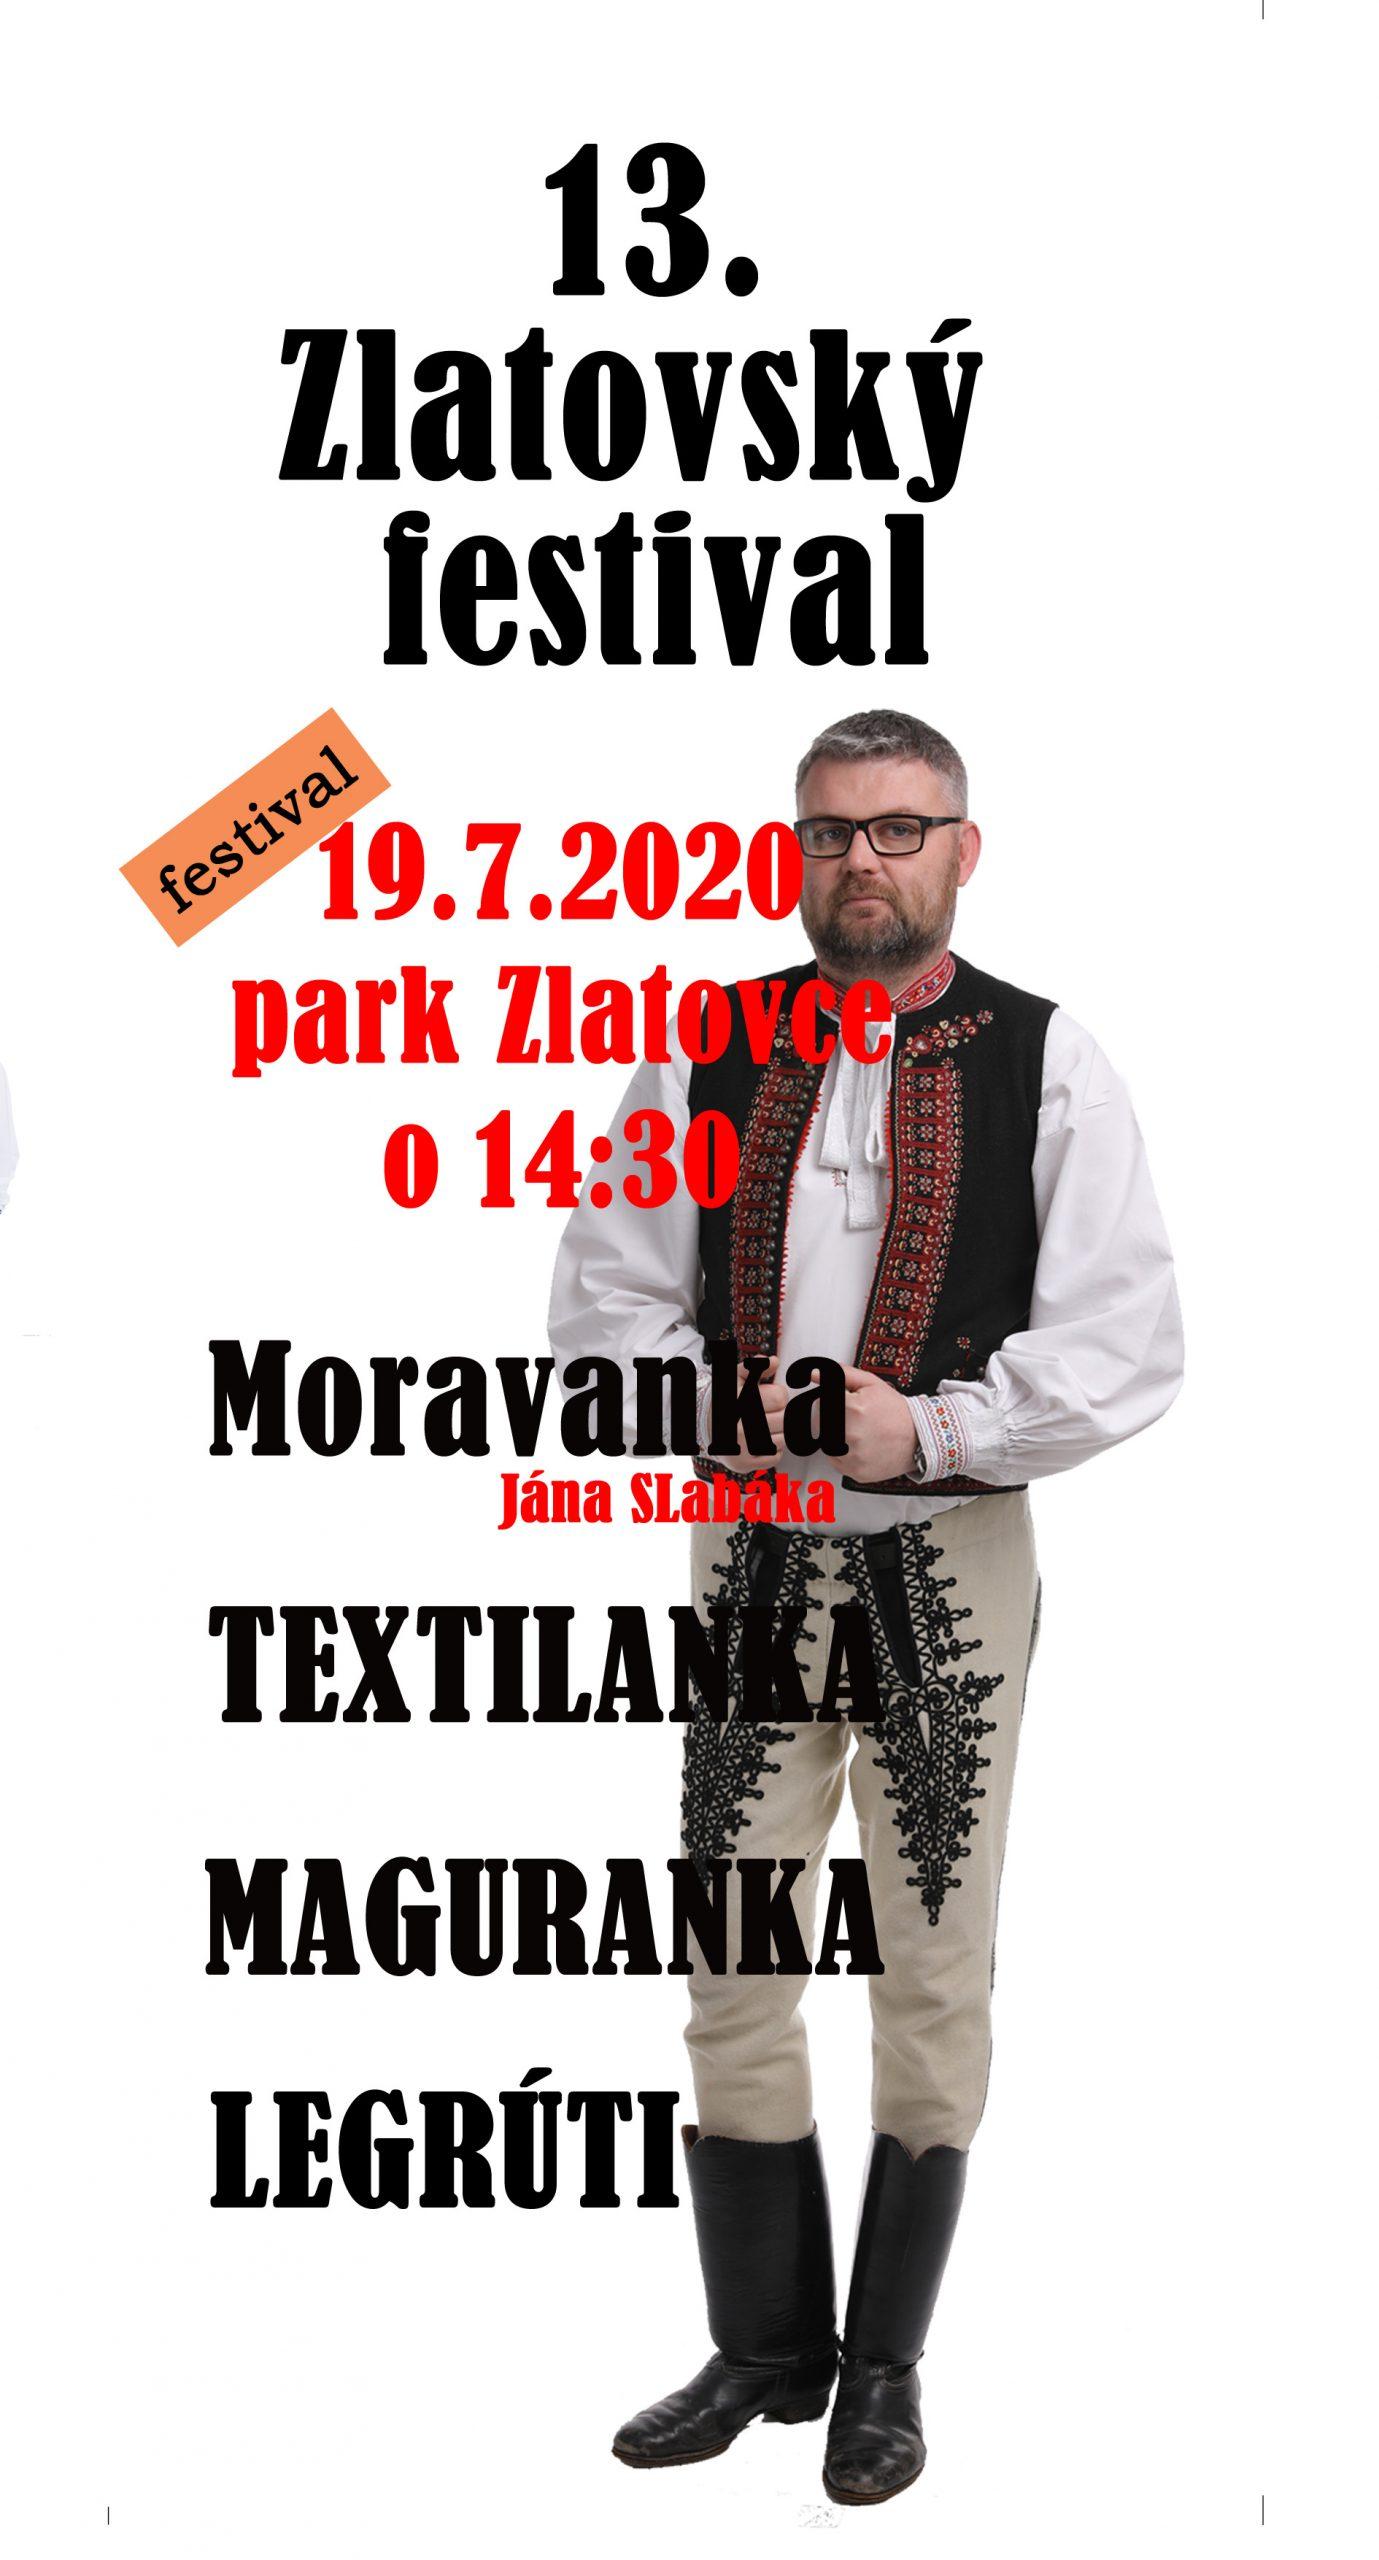 Zlatovský festival 2020